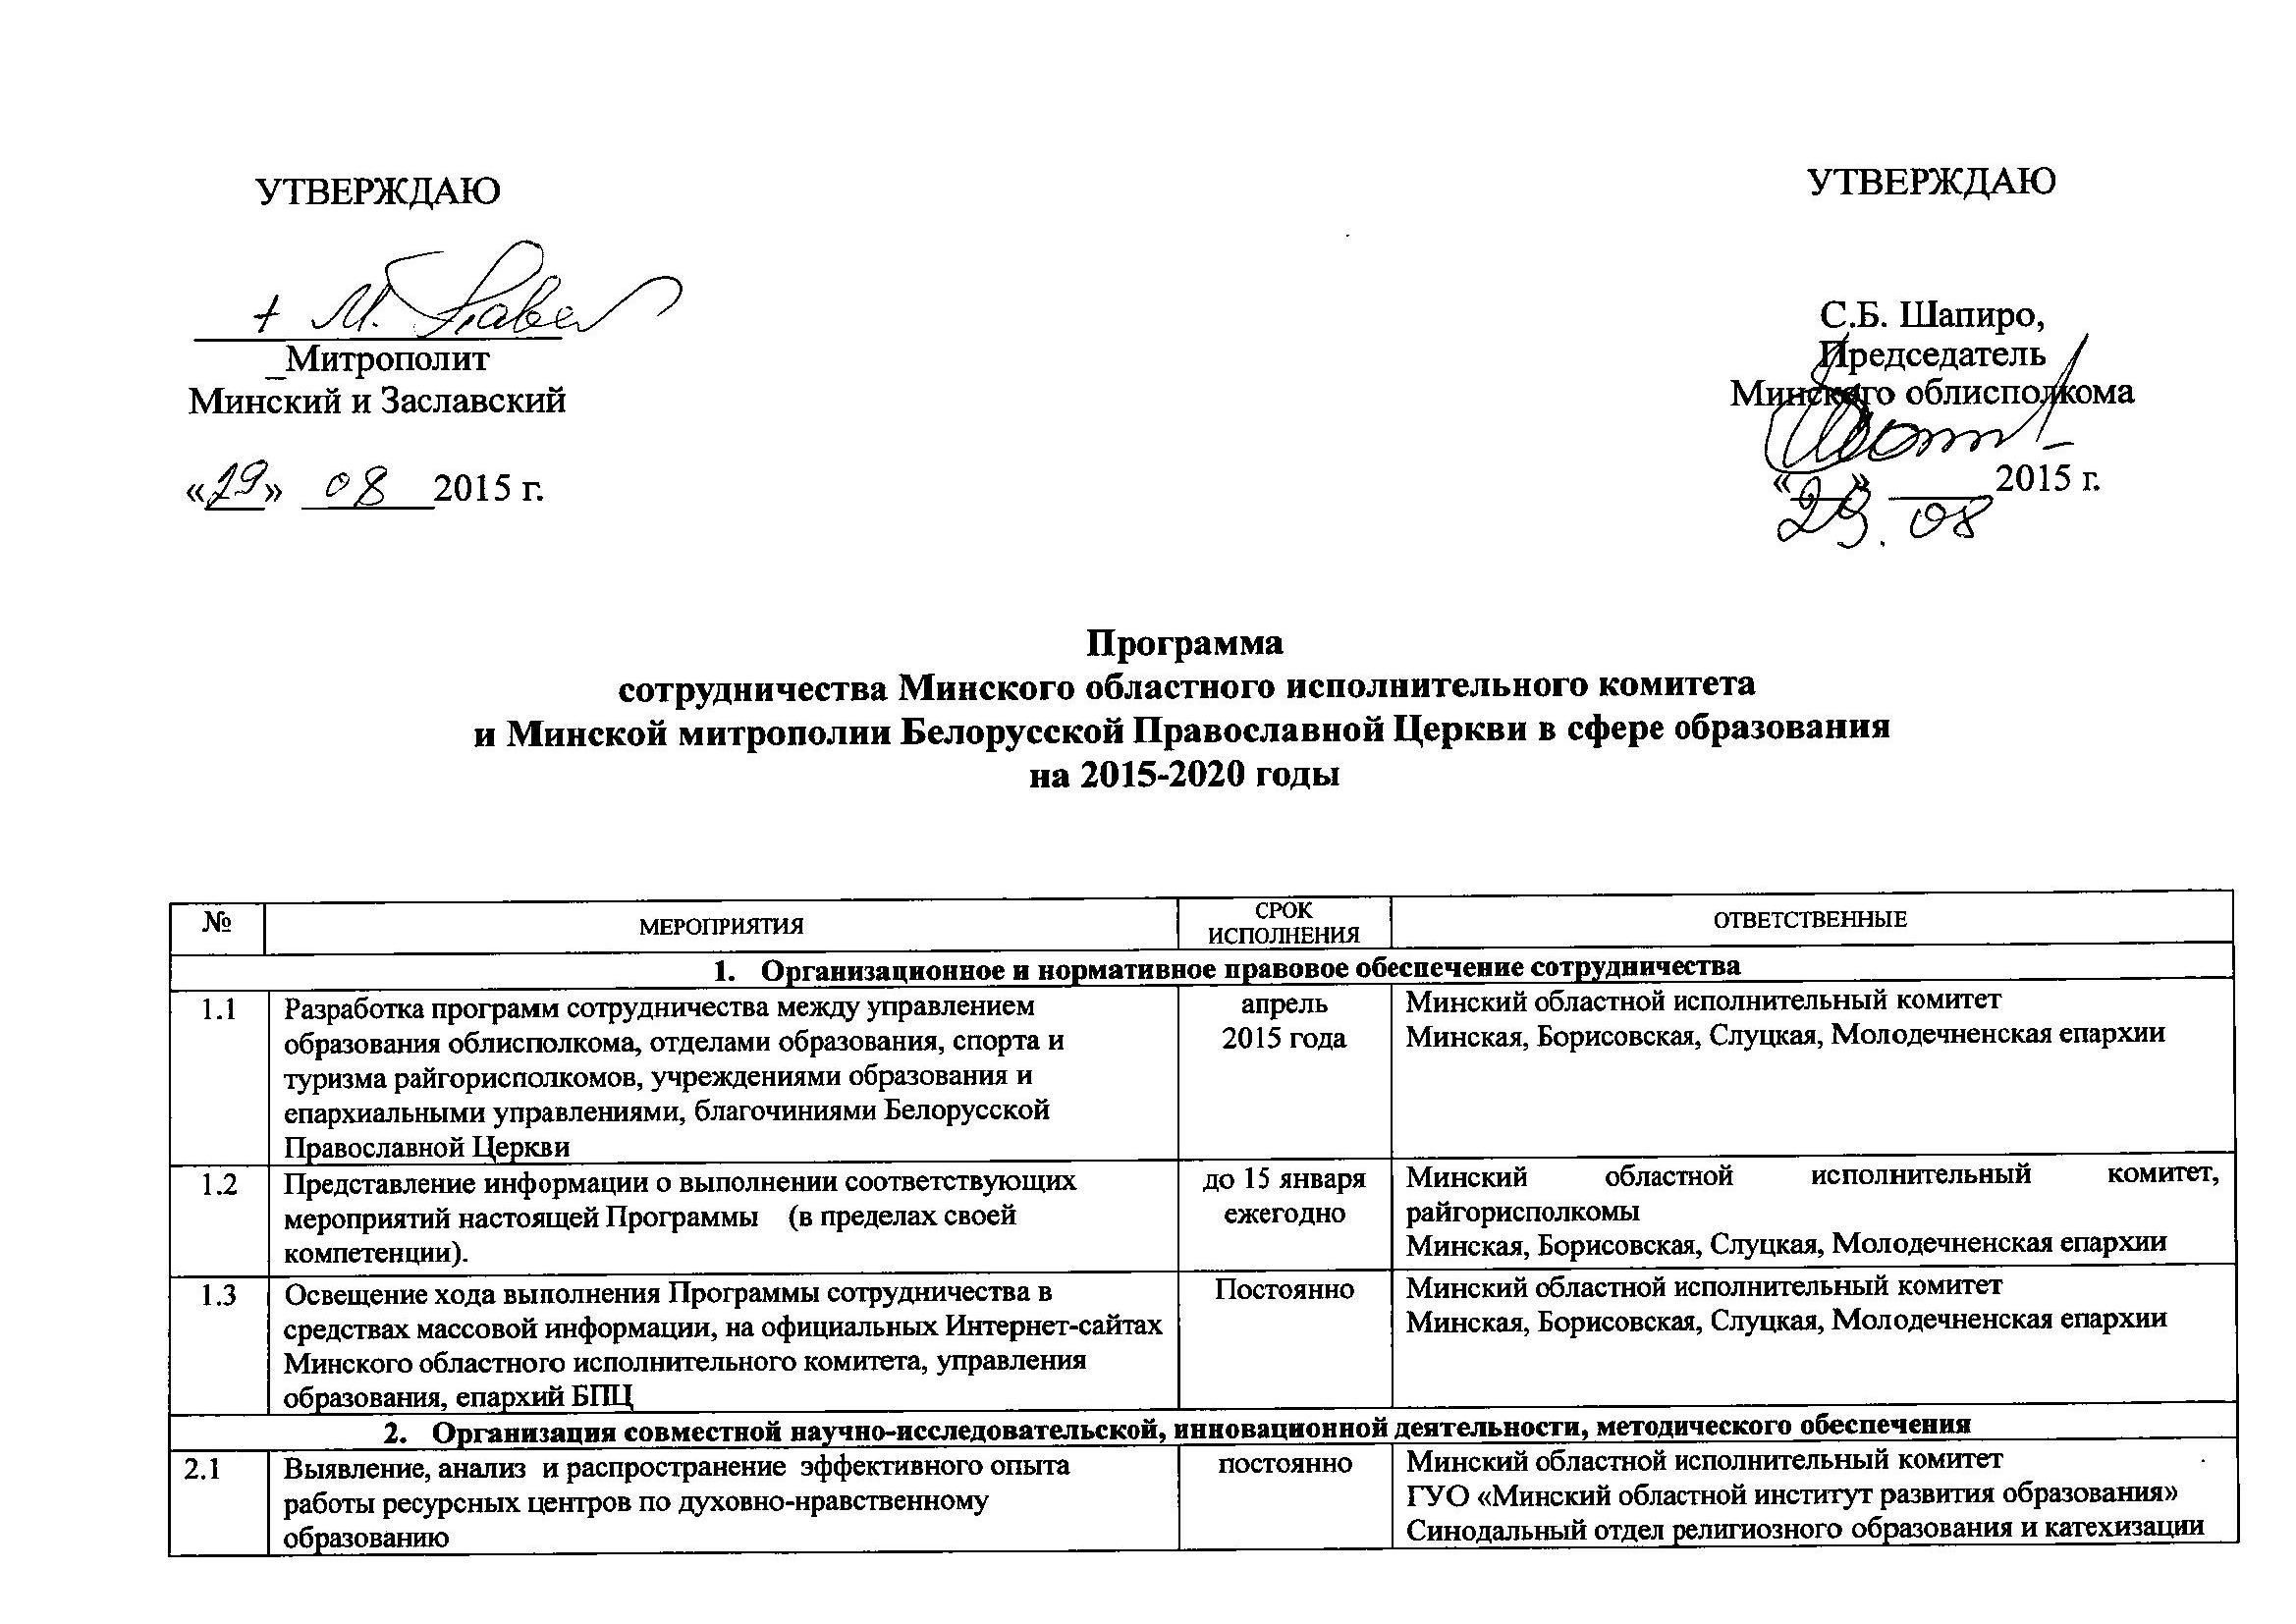 Программа сотрудничества Миноблисполкома и Минской митрополии в сфере образования (содержание)_Страница_1